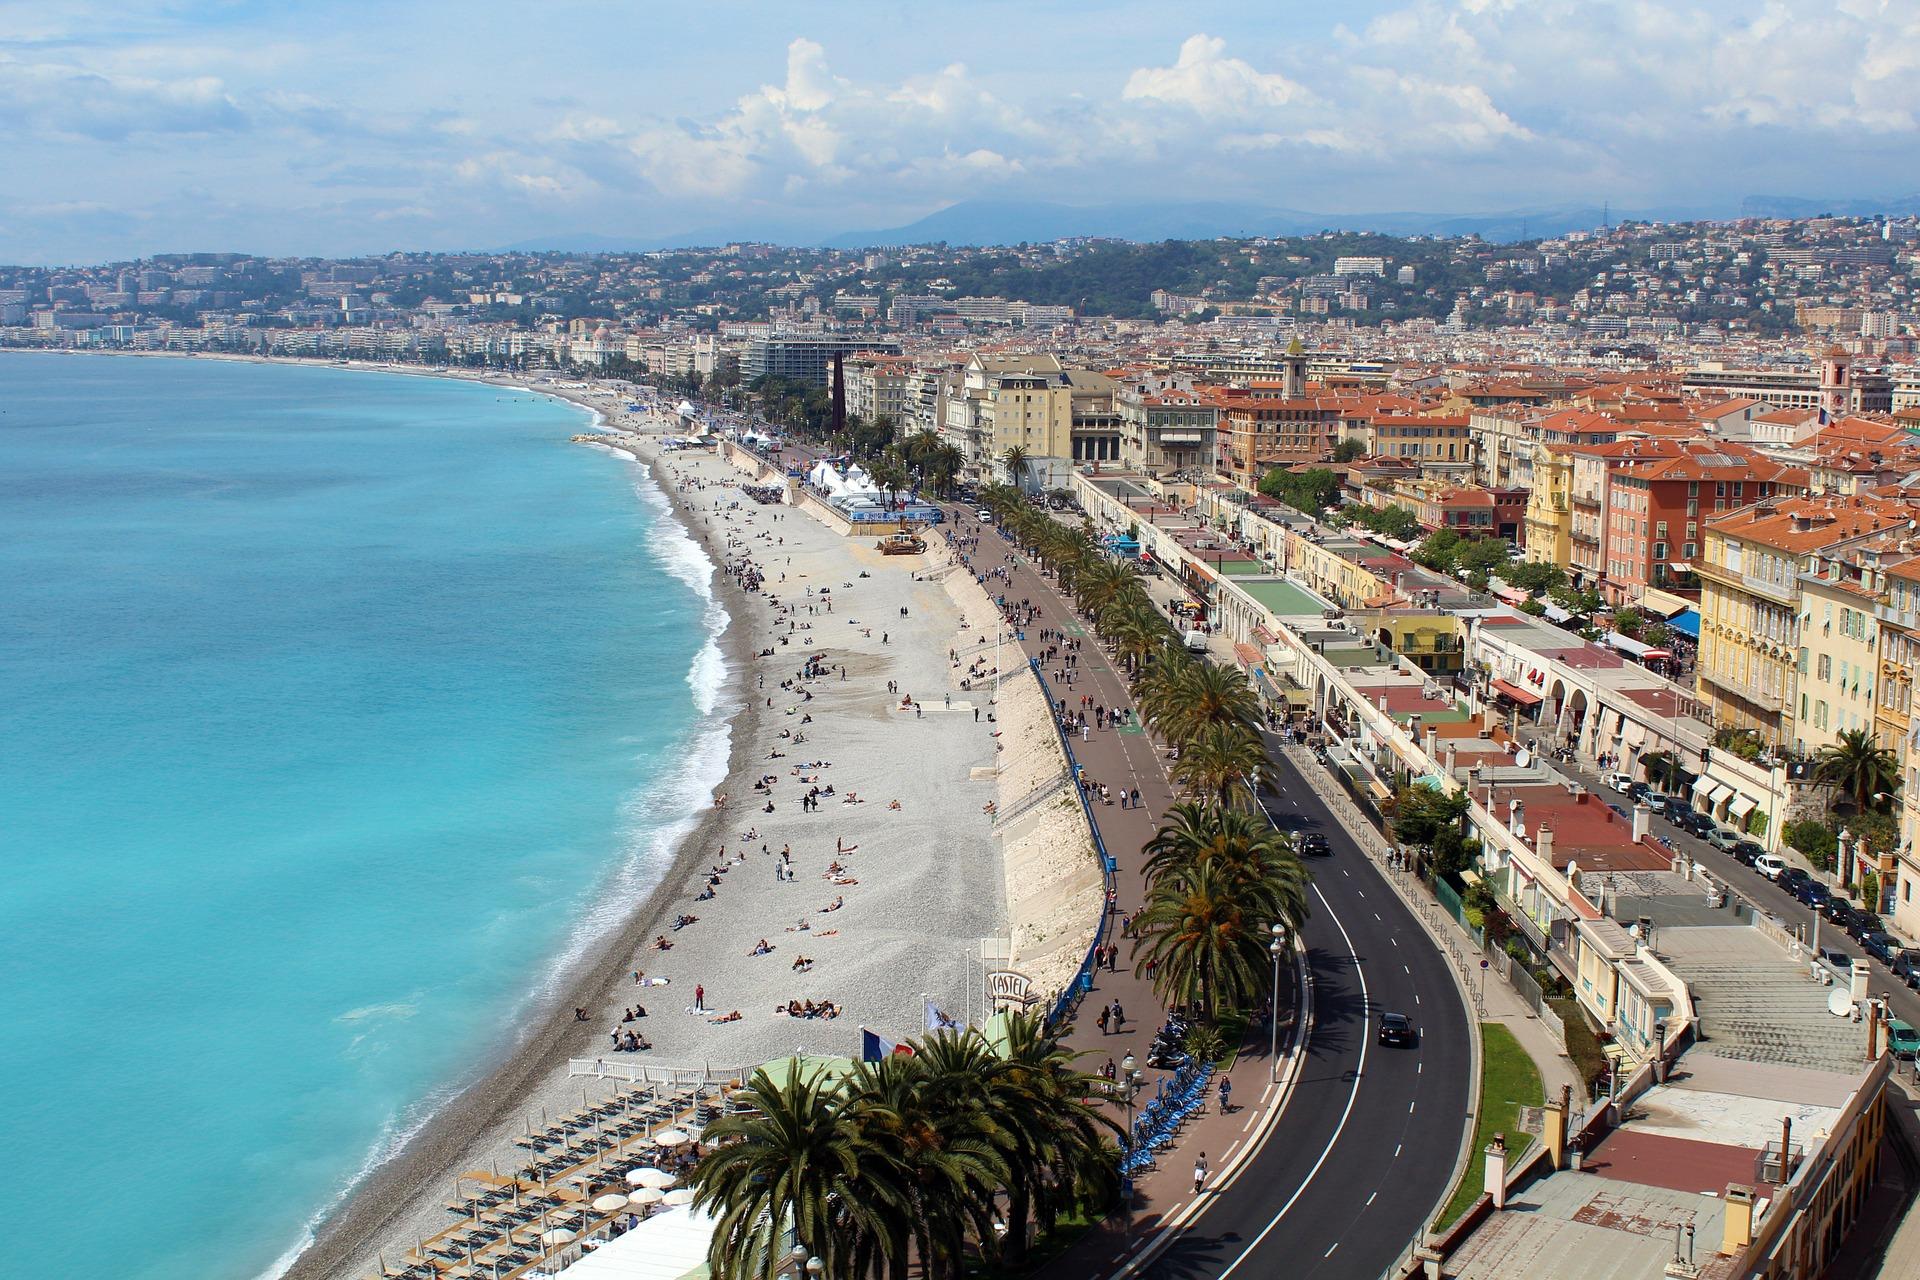 Emploi Médecin dans le département du Var : Rejoignez les équipes médicales du Sud-Est de la France !